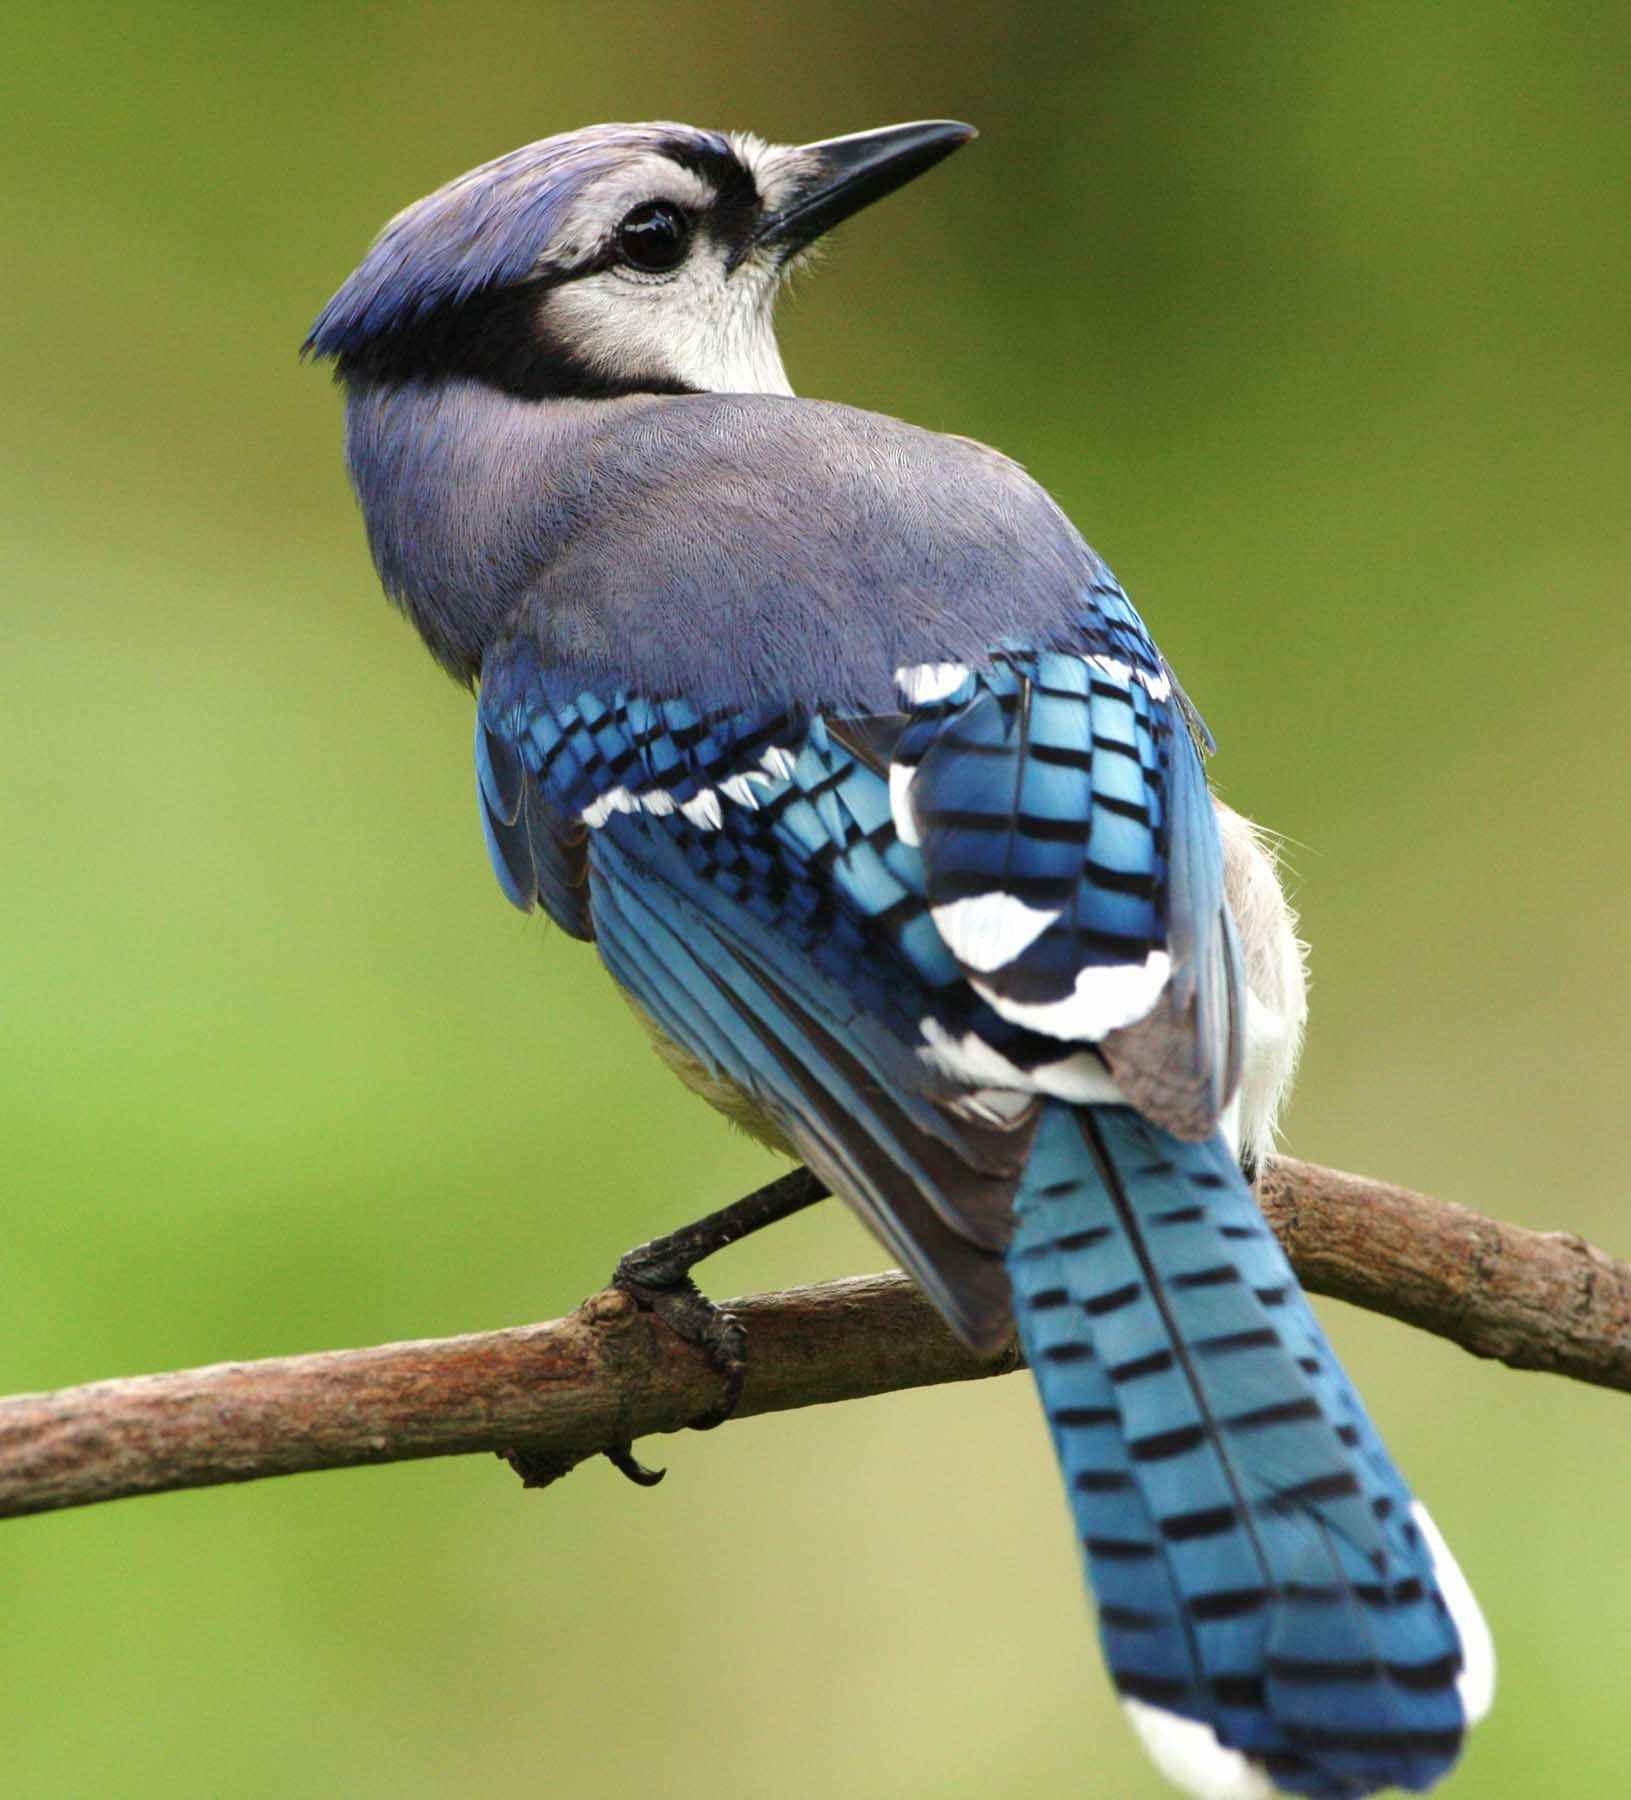 Ảnh những loài chim đẹp nhất, với những màu sắc tuyệt đẹp